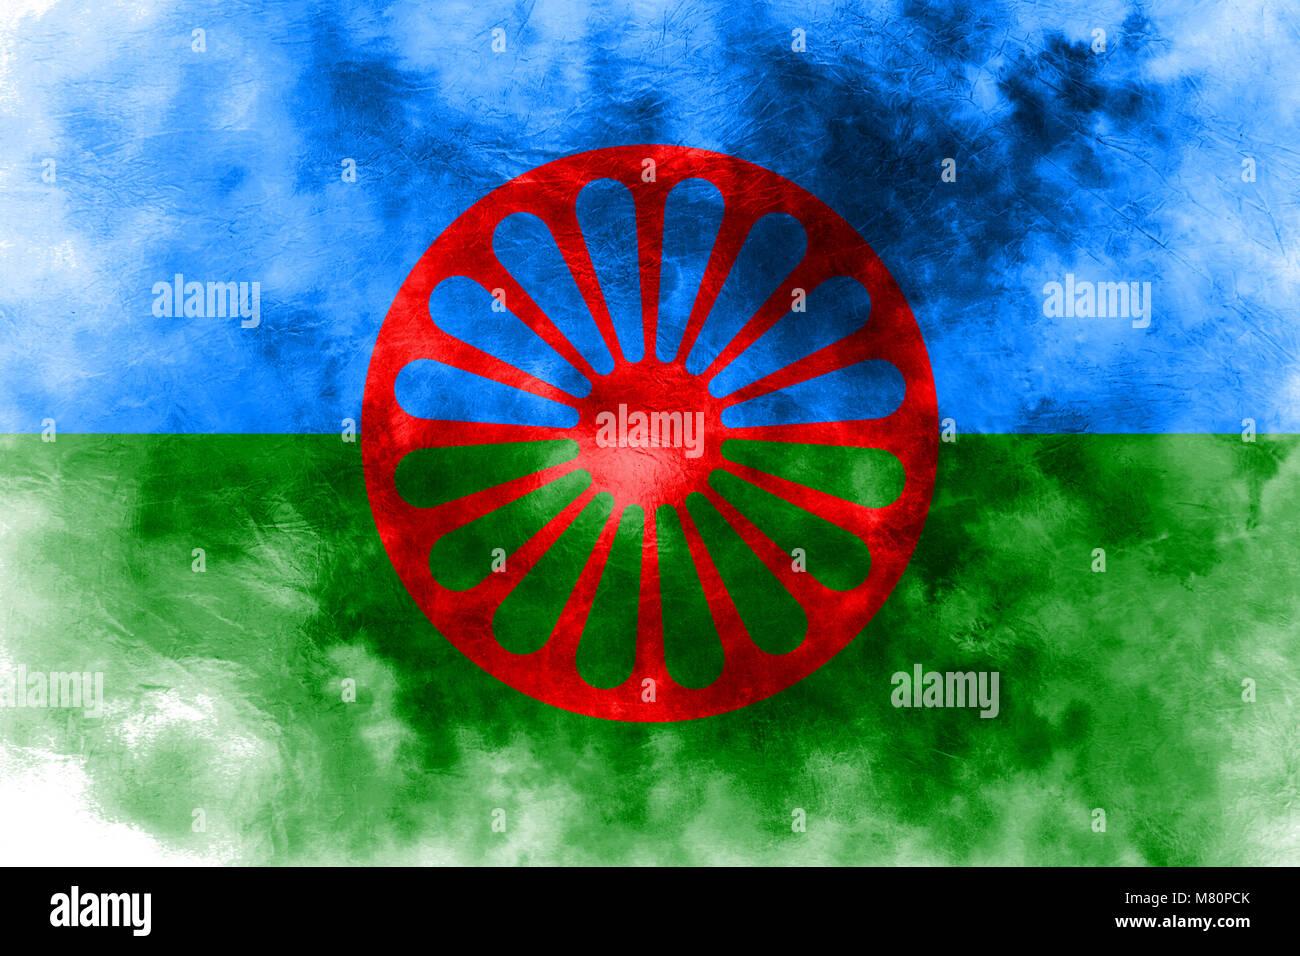 Romani People Flag Stockfotos & Romani People Flag Bilder